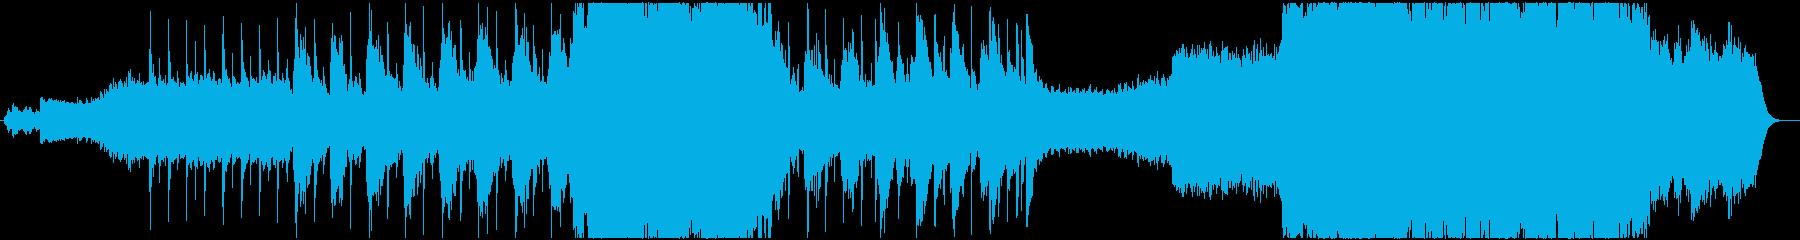 チル:南国の海と波と空をイメージした曲の再生済みの波形